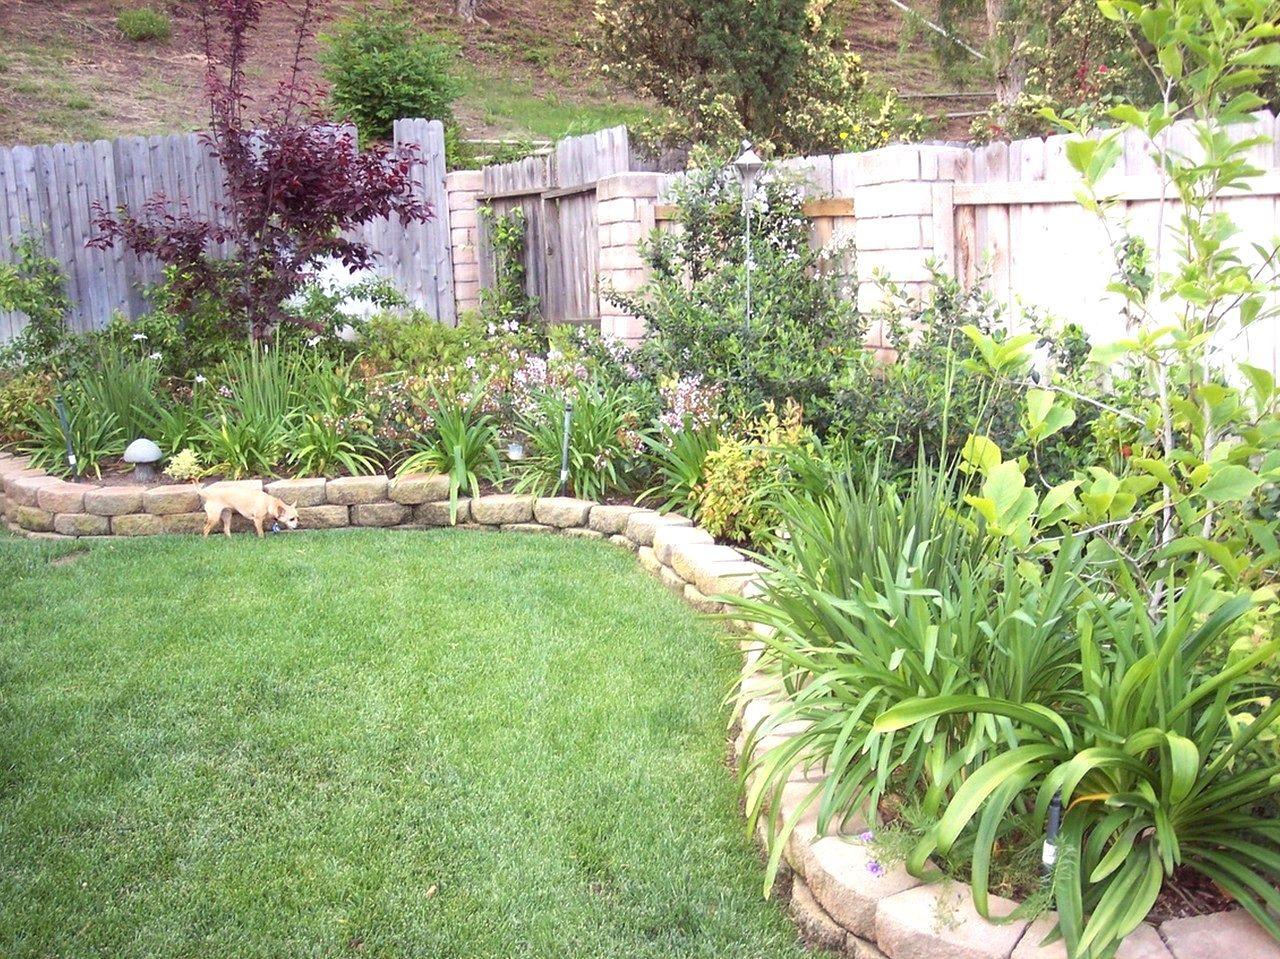 Garden Inspiration Nz | Small Backyard Landscaping, Backyard Garden Design, Small Backyard Gardens